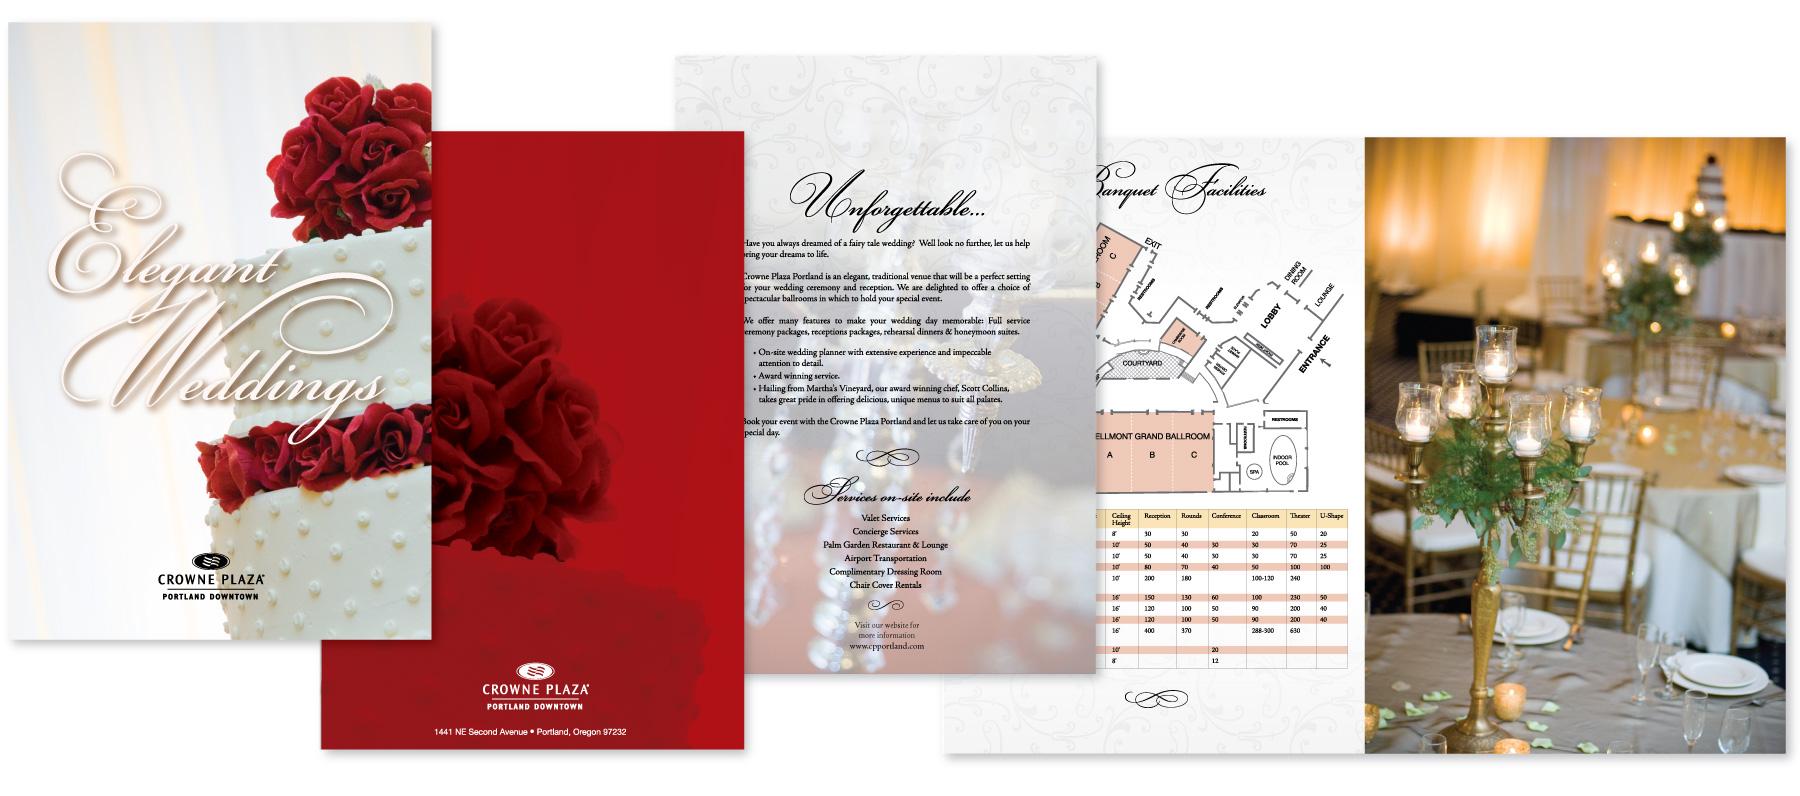 Crowne Plaza Wedding Brochure Arno Jenkins